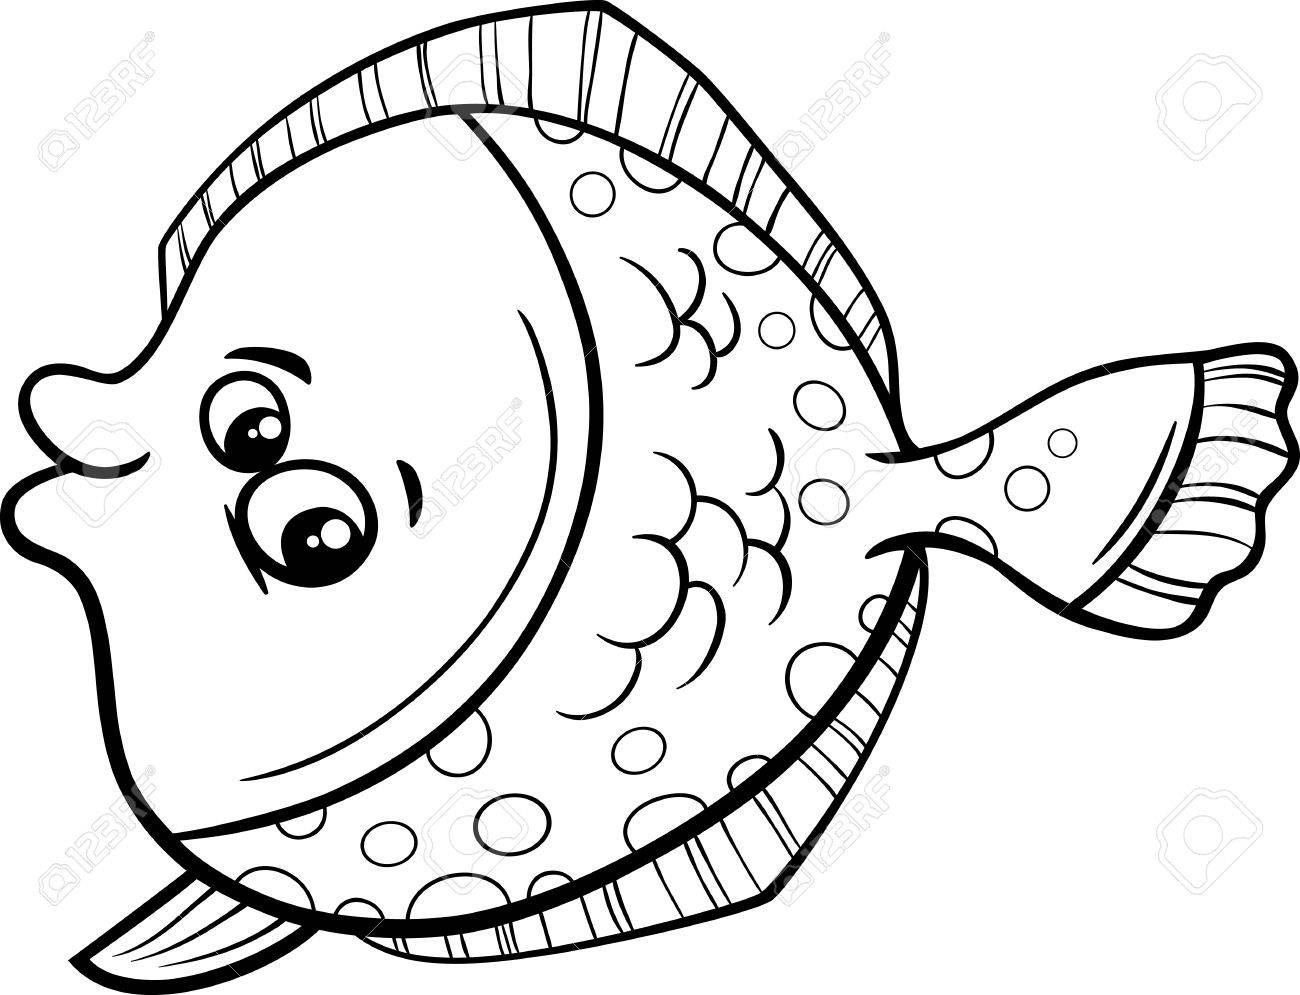 塗り絵のおかしいヒラメ魚海生活動物の黒と白の漫画イラスト